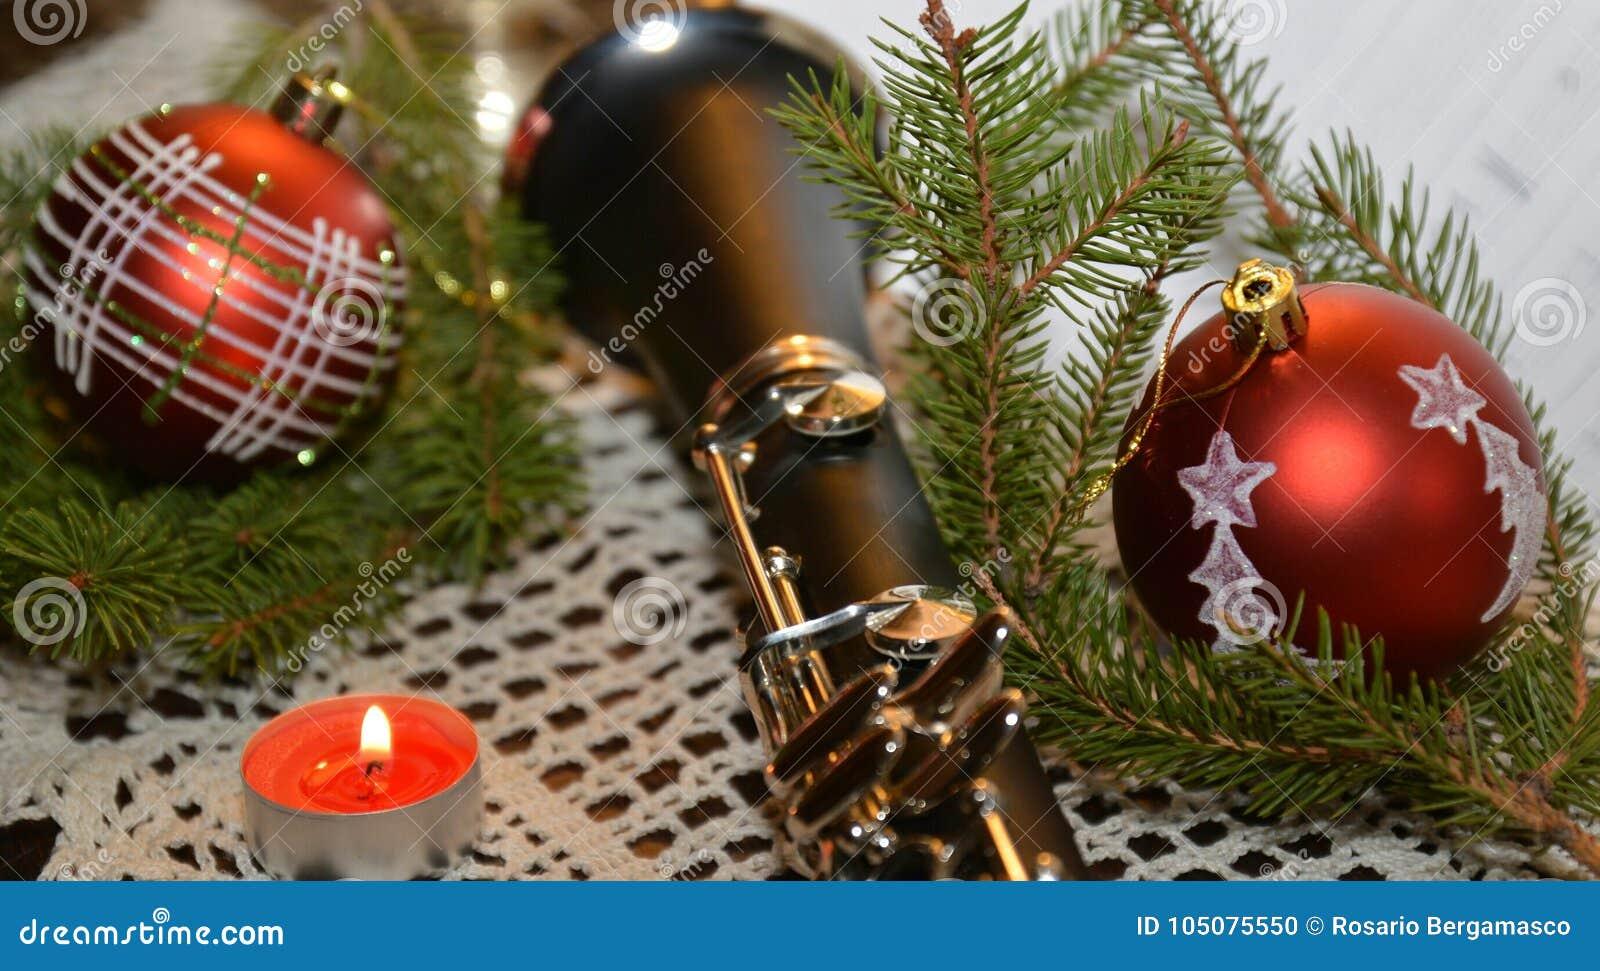 Feliz Navidad Clarinete.Bolas Y Clarinete De La Navidad Foto De Archivo Imagen De